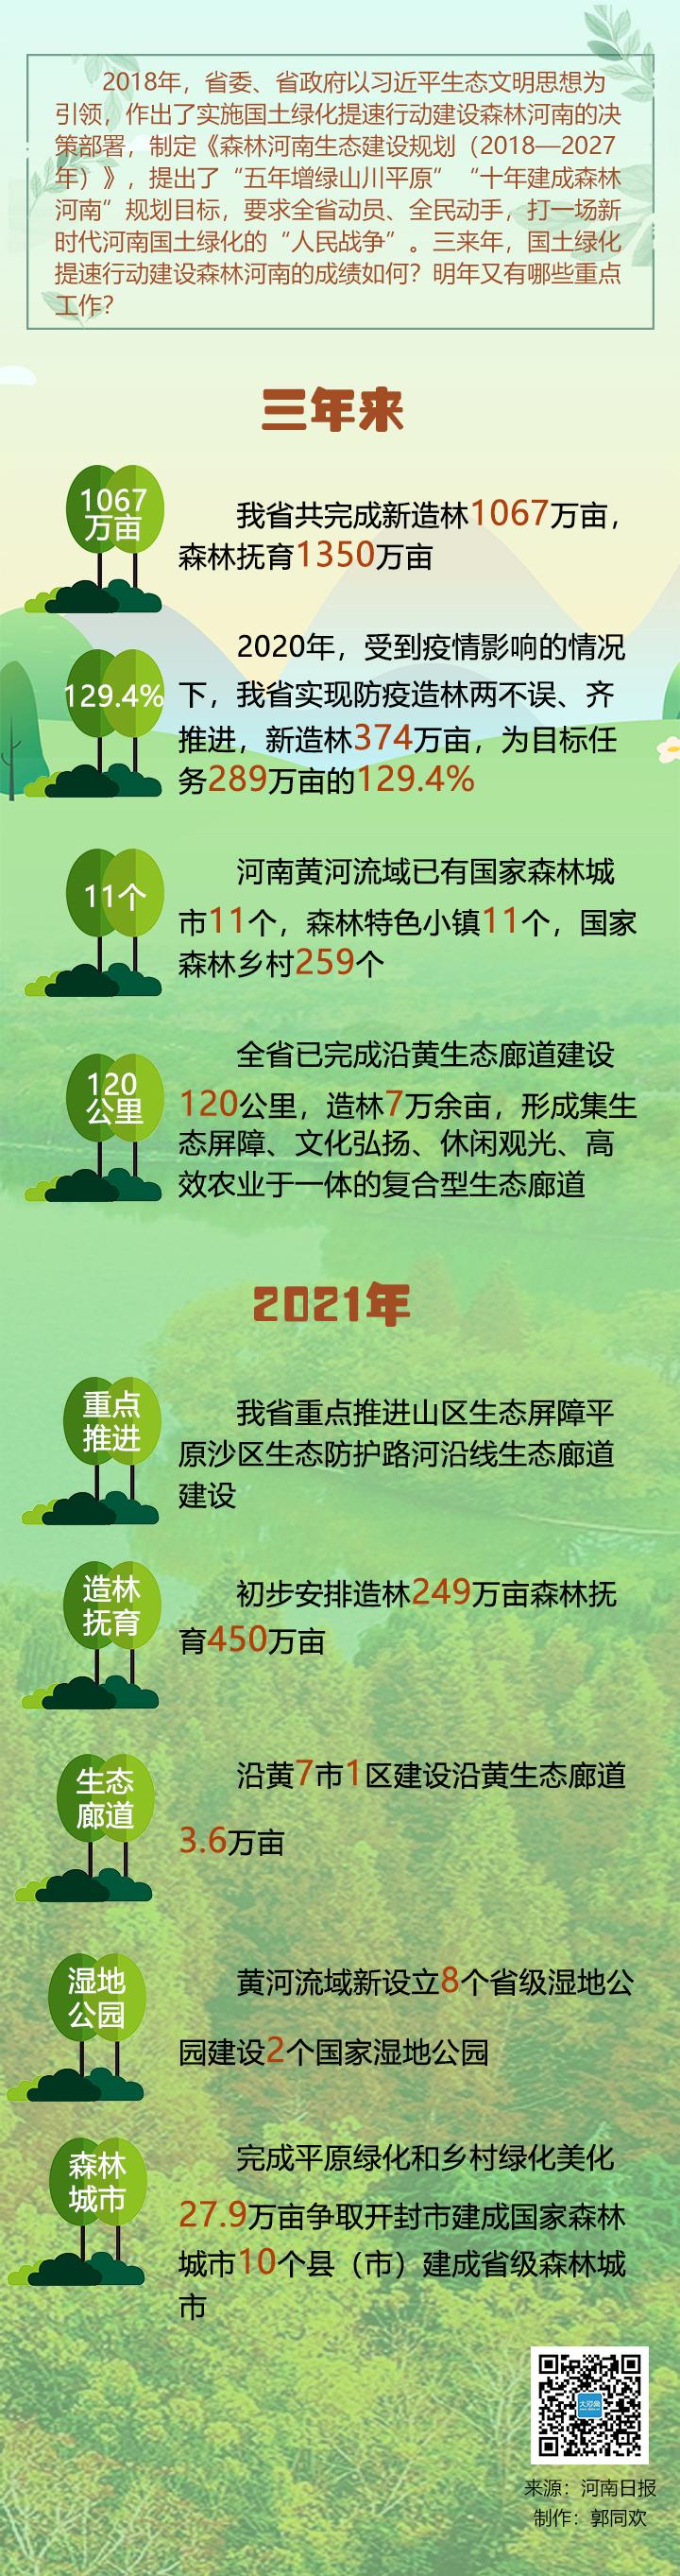 河南晒国土绿化成绩单,2021年,森林河南要这样建!